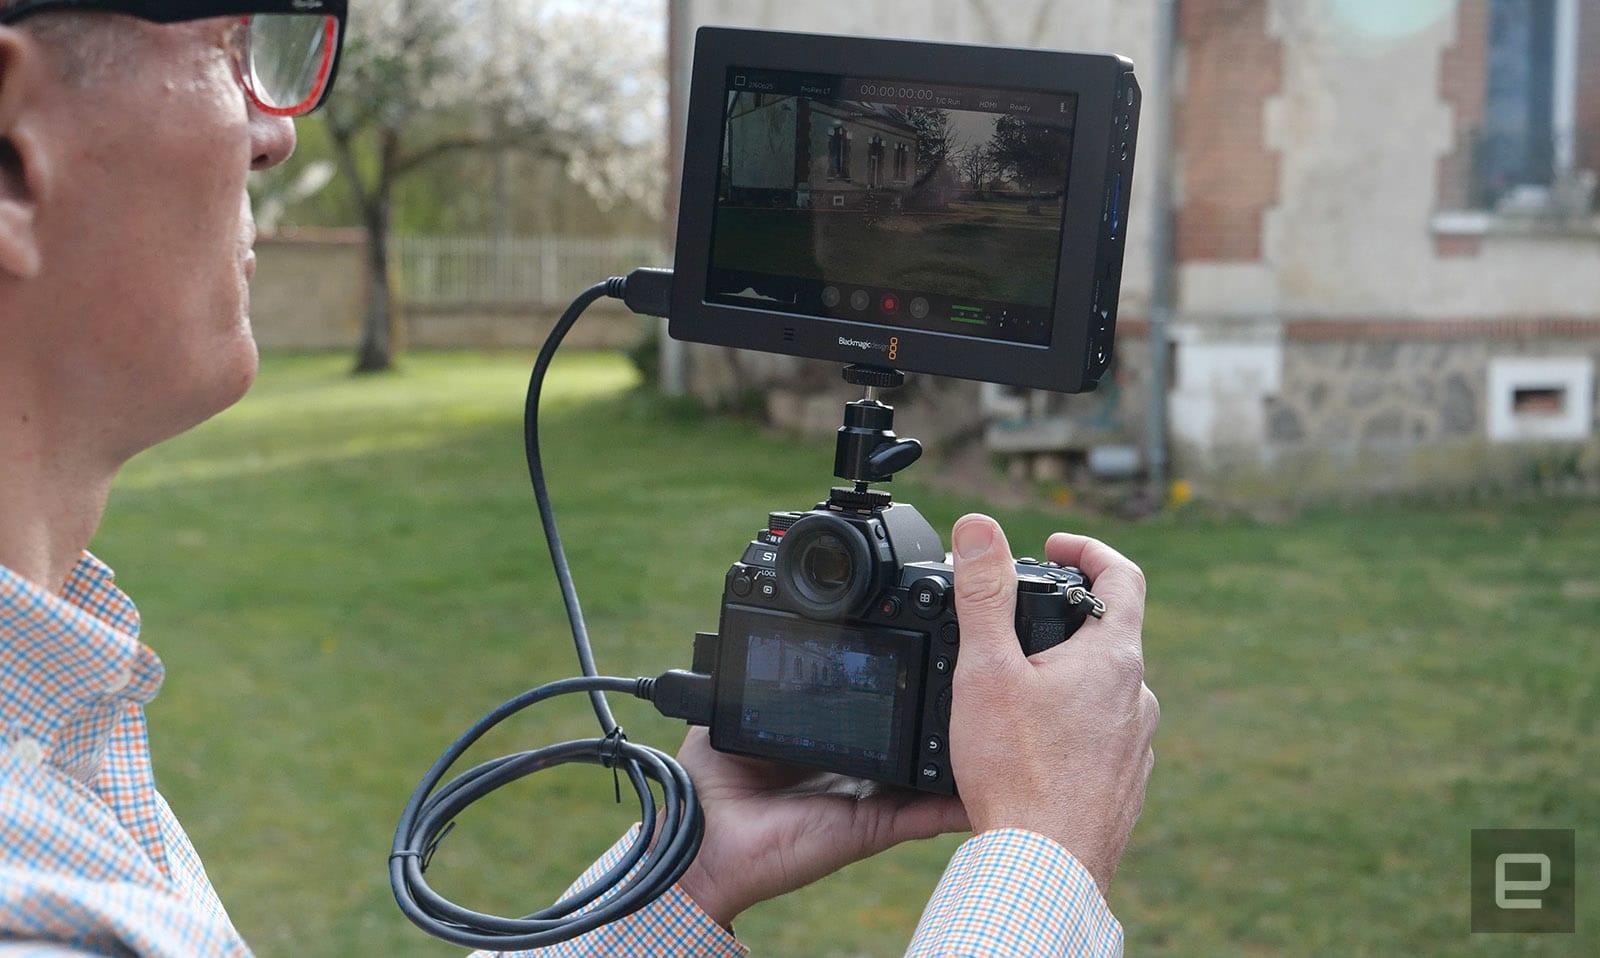 Panasonic S1 mirrorlress camera review